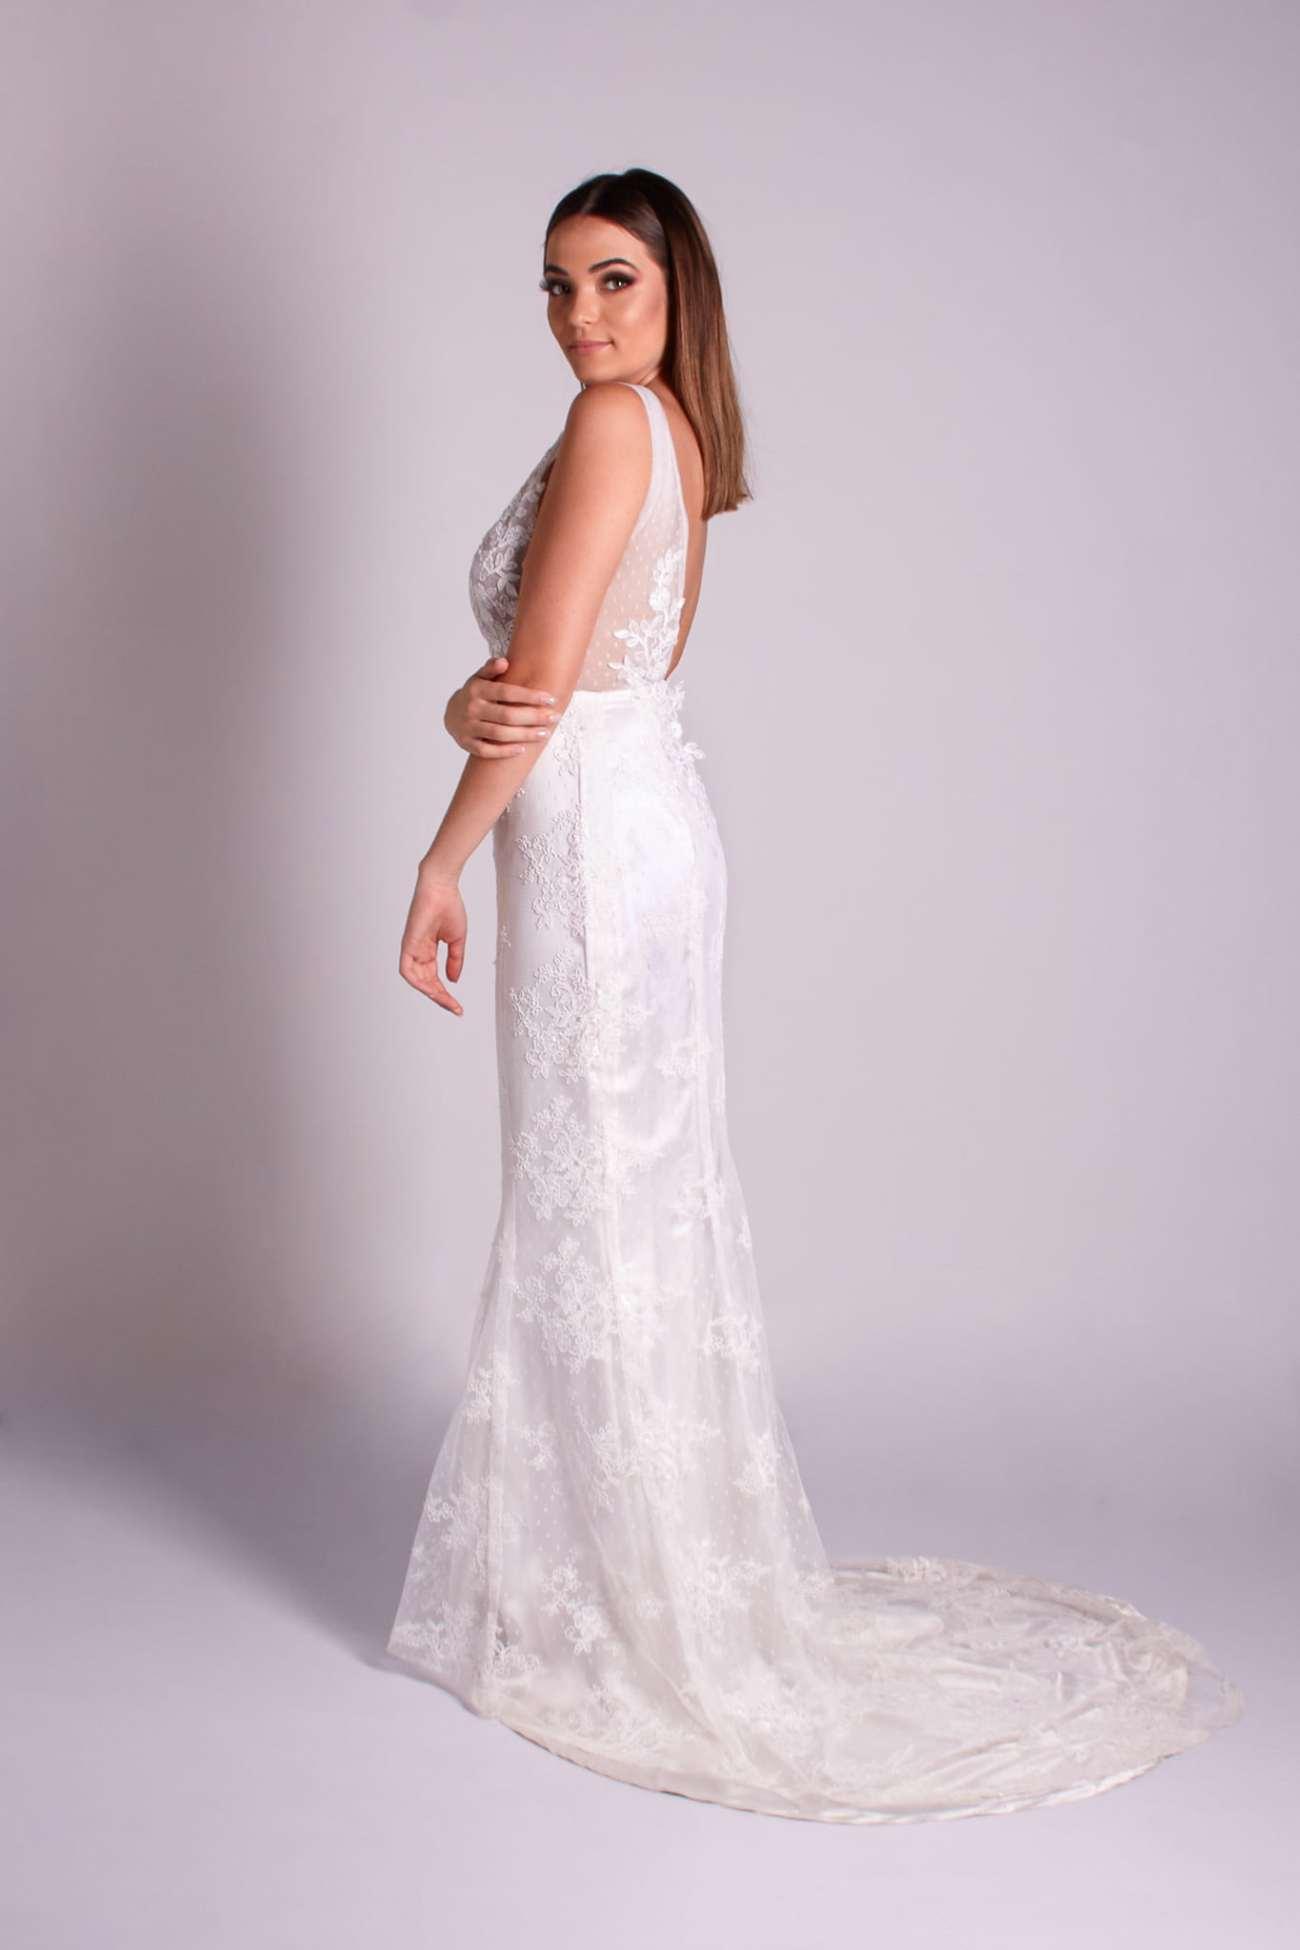 5 - vestido de renda estilo boho com decote V frente e costas sereia